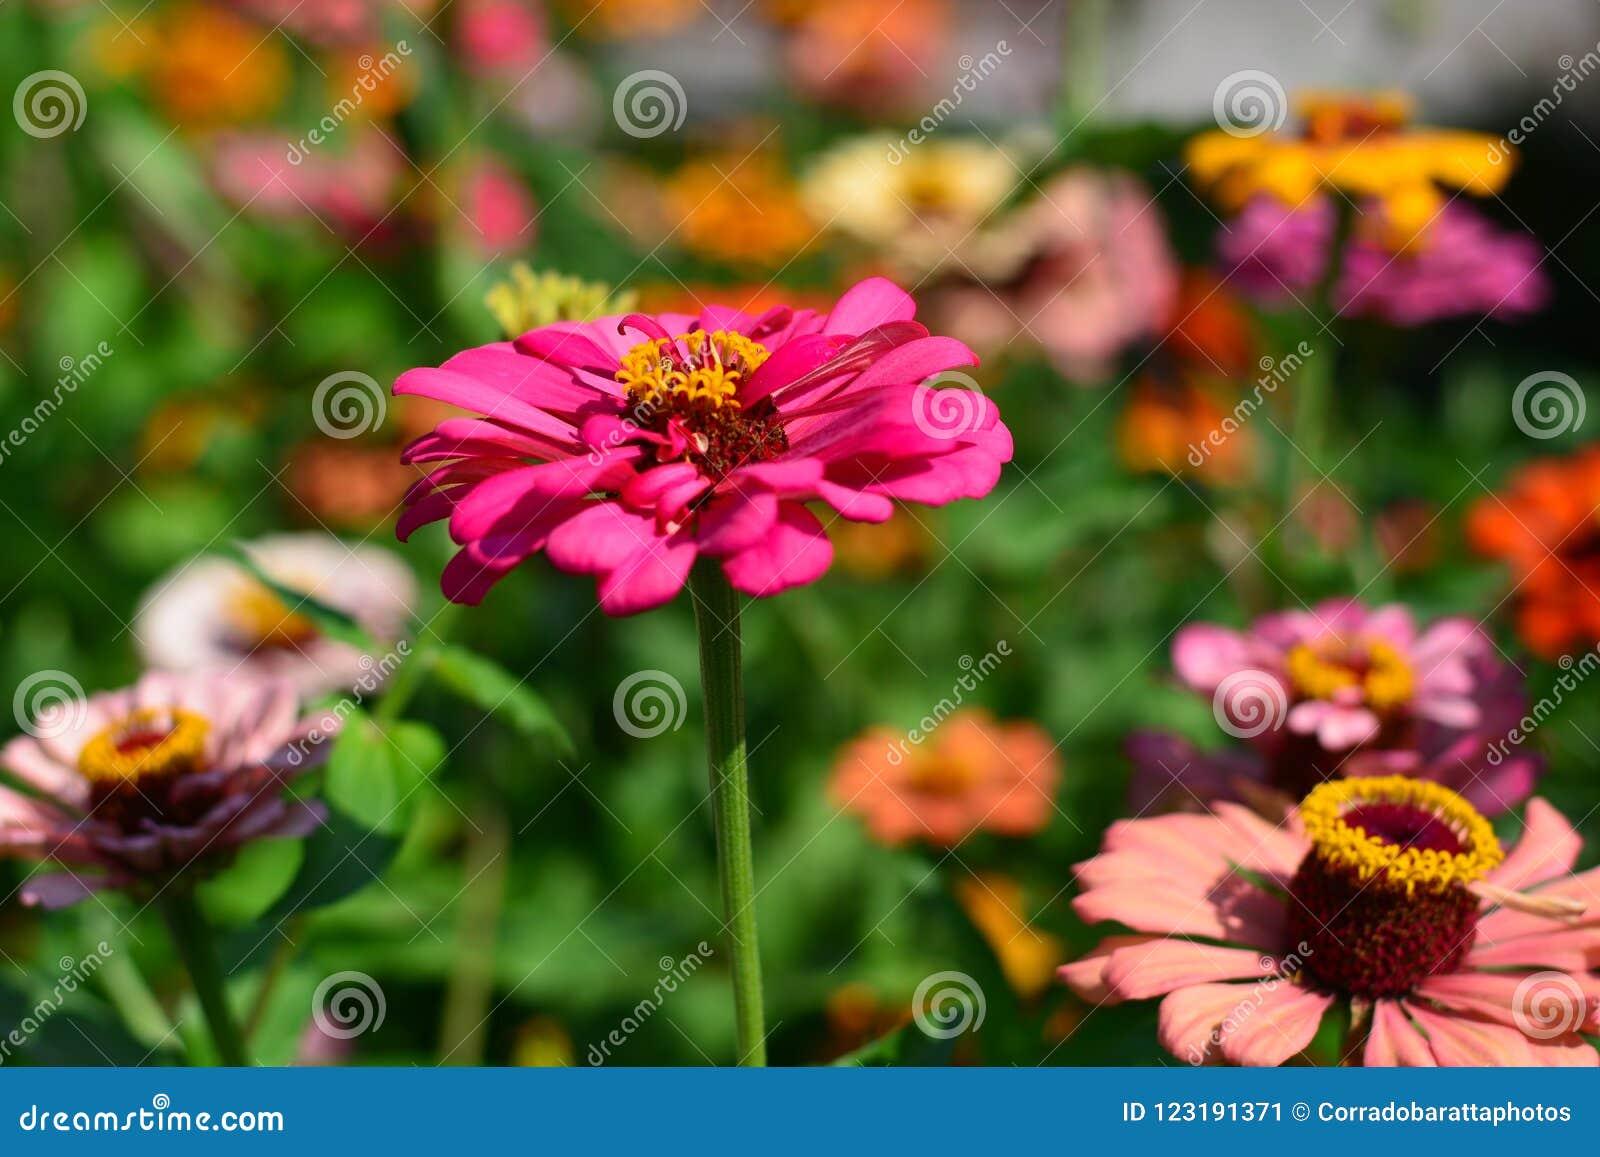 Imagination de couleurs des fleurs au ressort